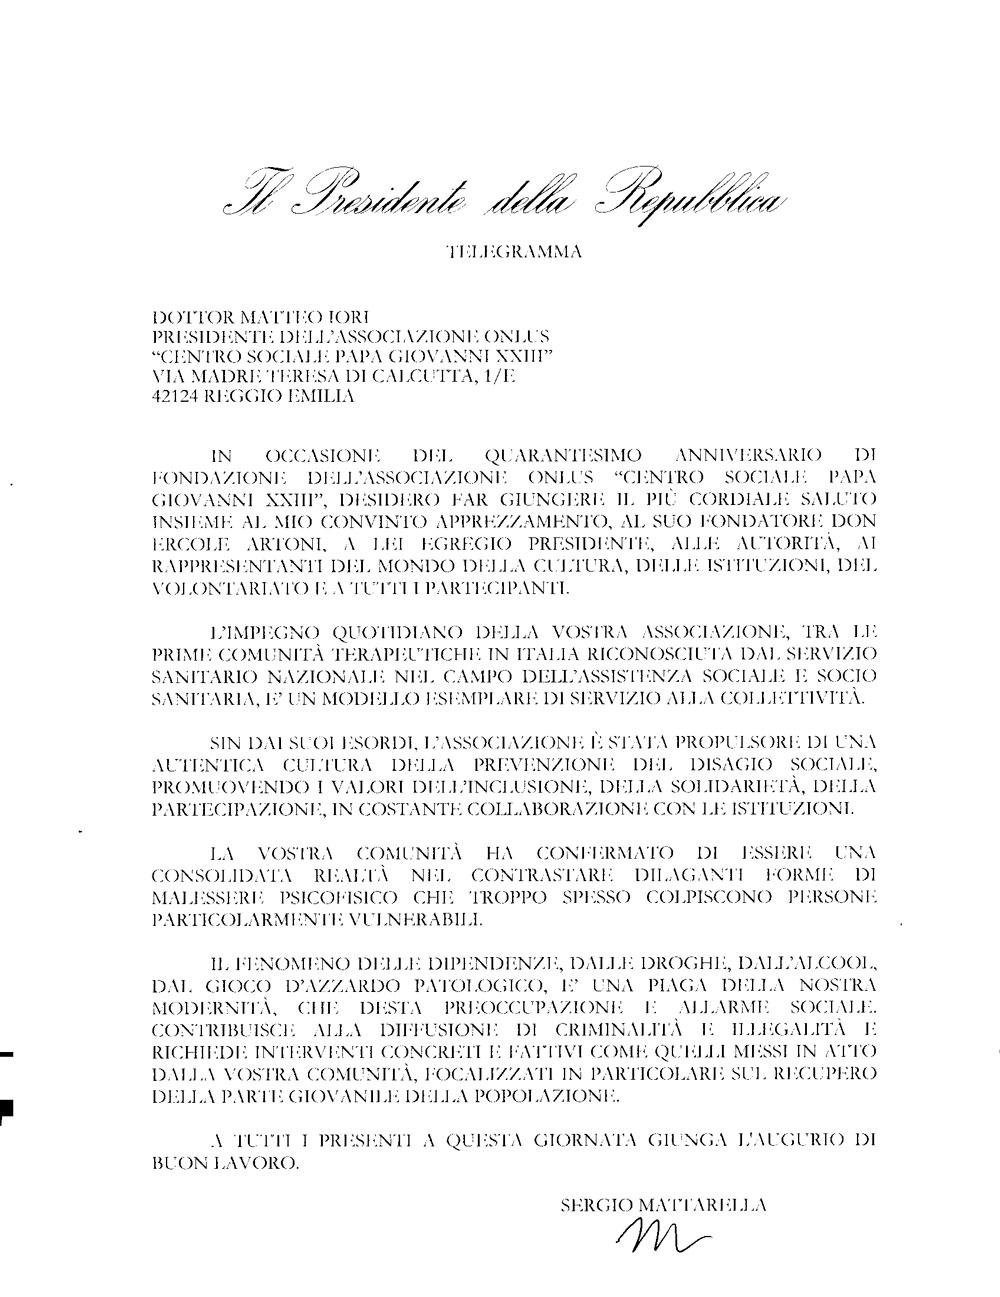 lettera-del-Presidente-della-Repubblica